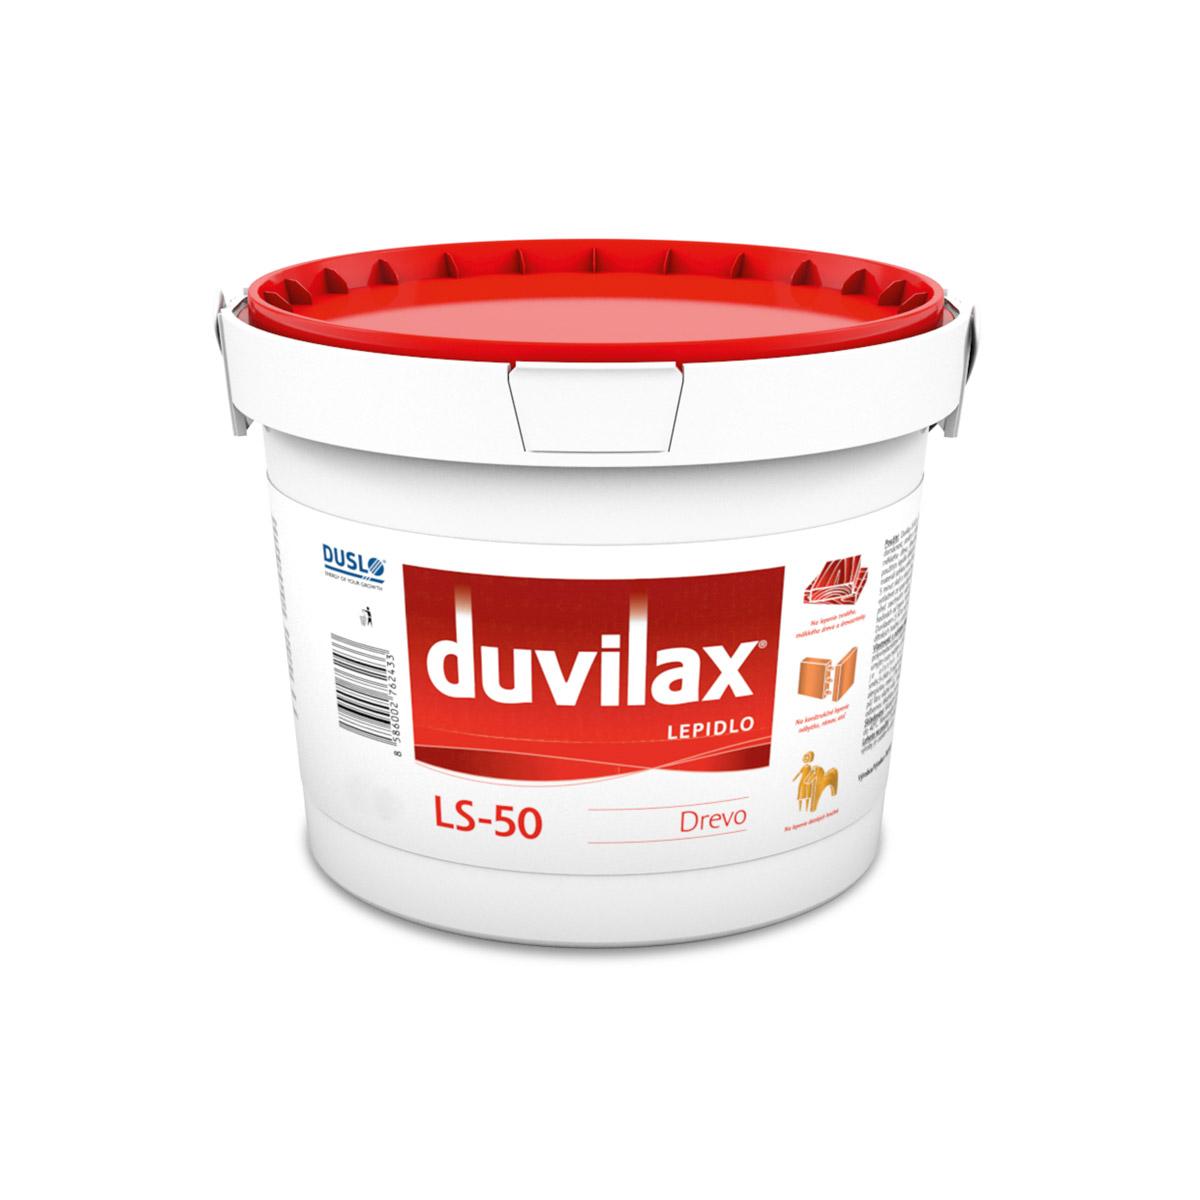 Lepidlo Duvilax LS-50 - interiérové lepidlo na drevo